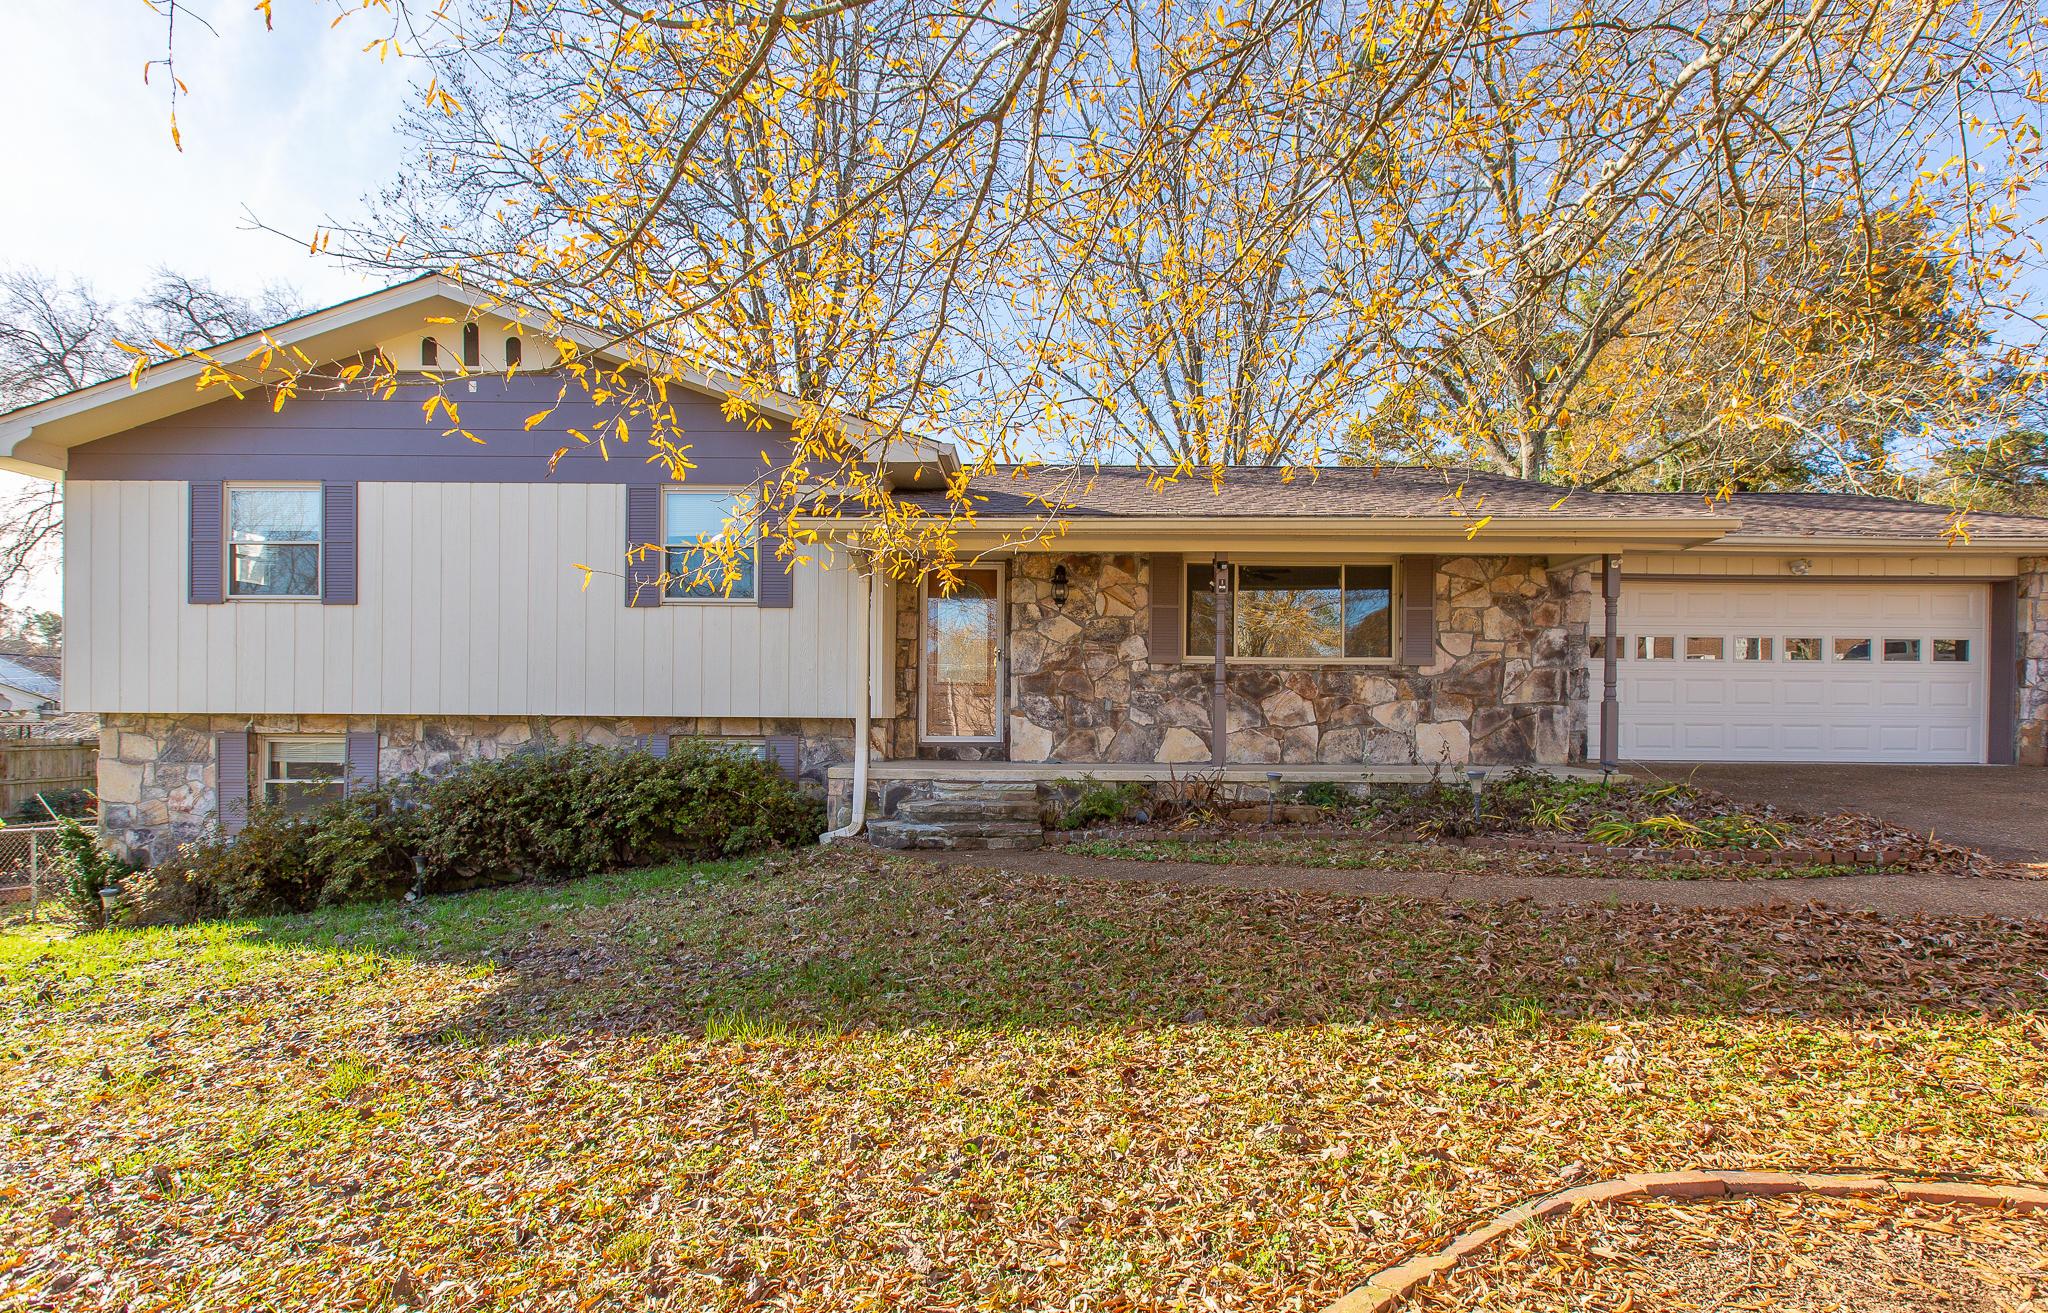 7331 Kenmoor Dr, Chattanooga, TN 37421